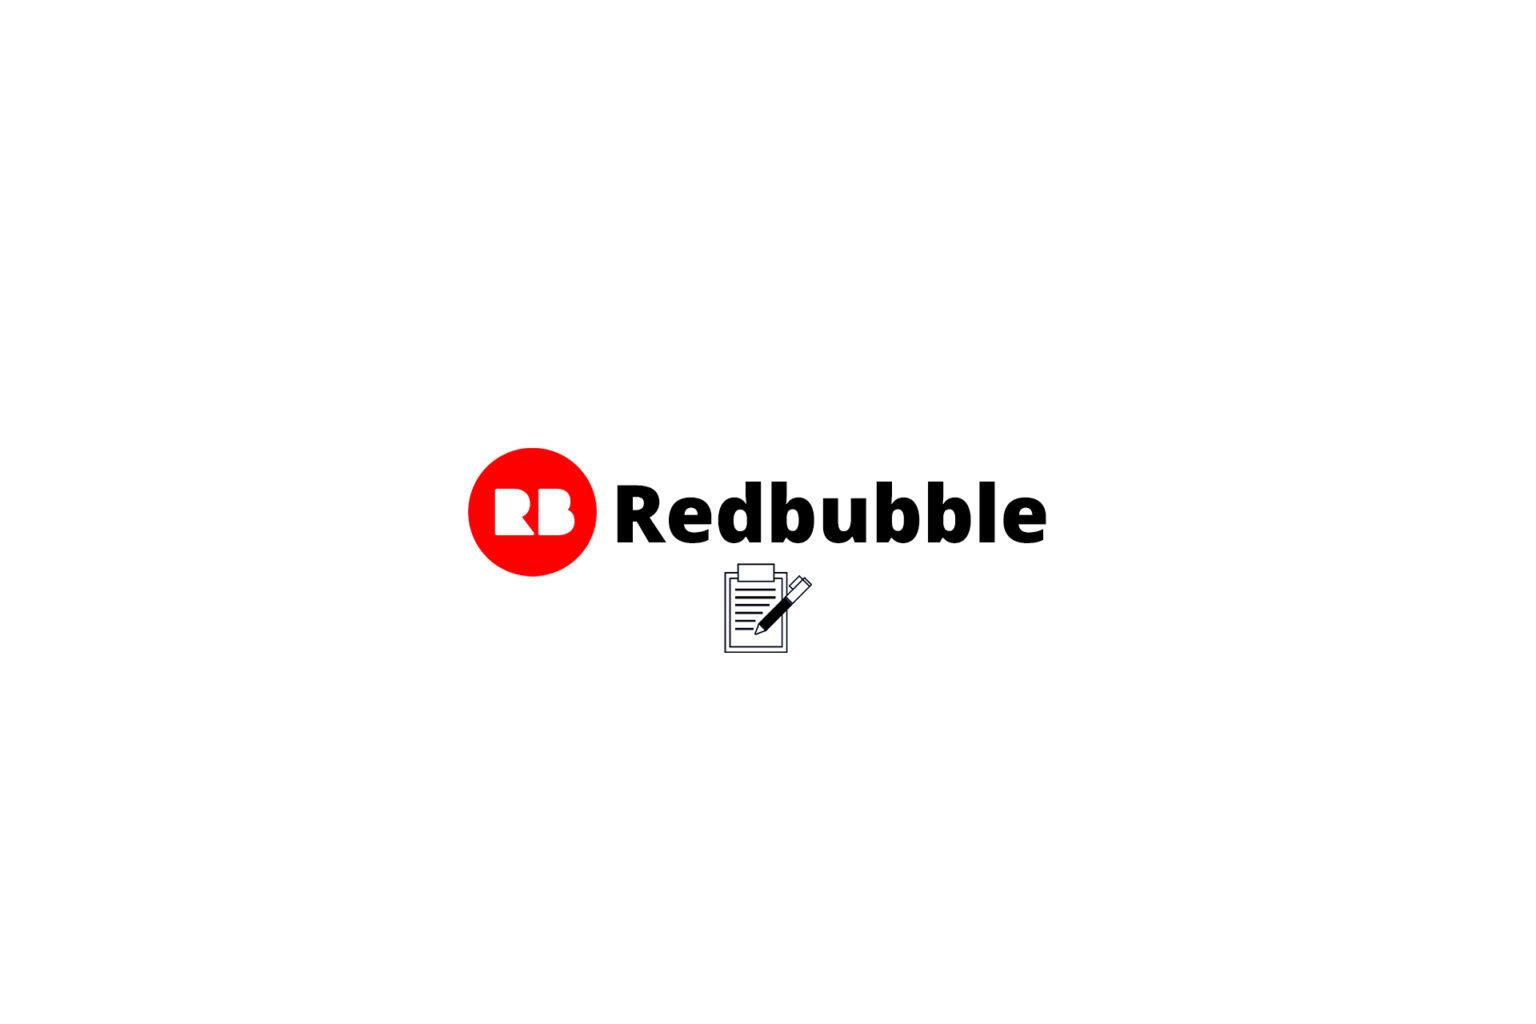 ثبت نام در Redbubble,